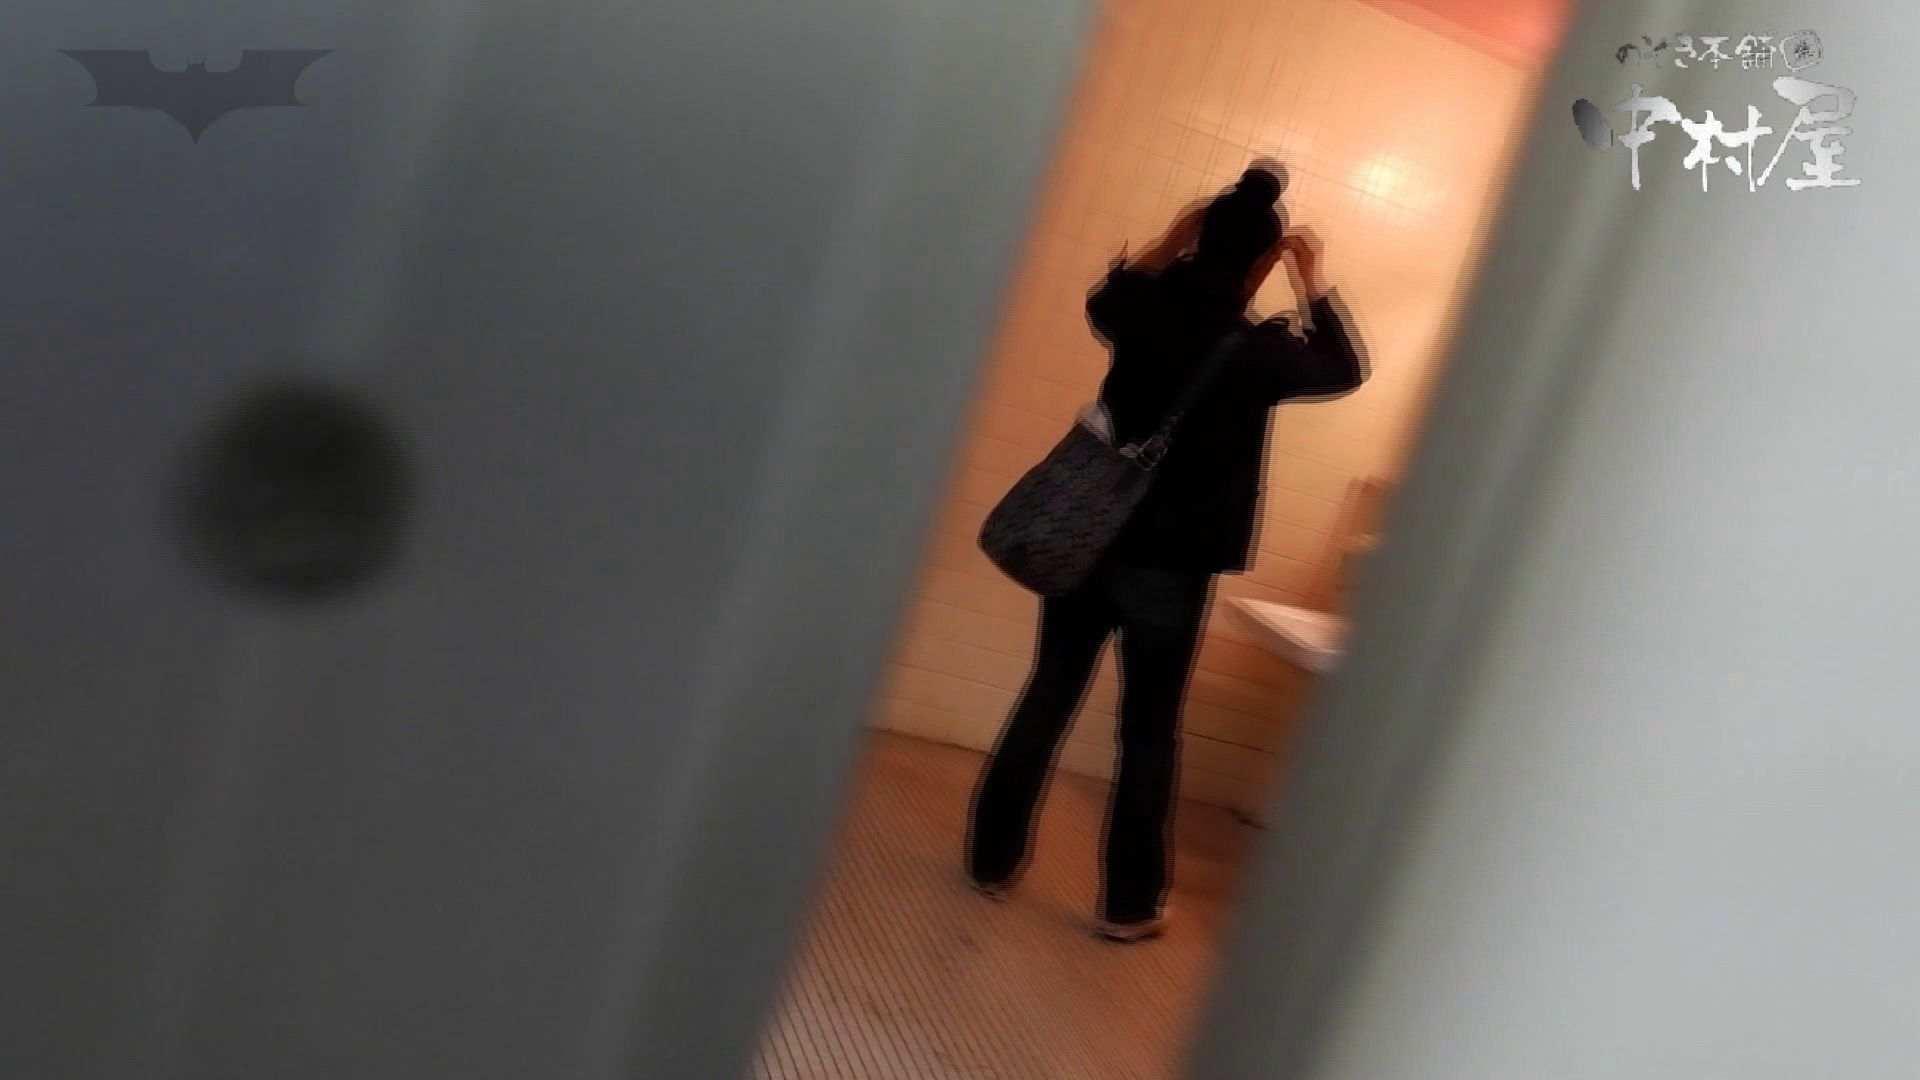 第三体育館潜入撮】第三体育館潜入撮File028 熟女特集!! 潜入 盗み撮り動画キャプチャ 45連発 35